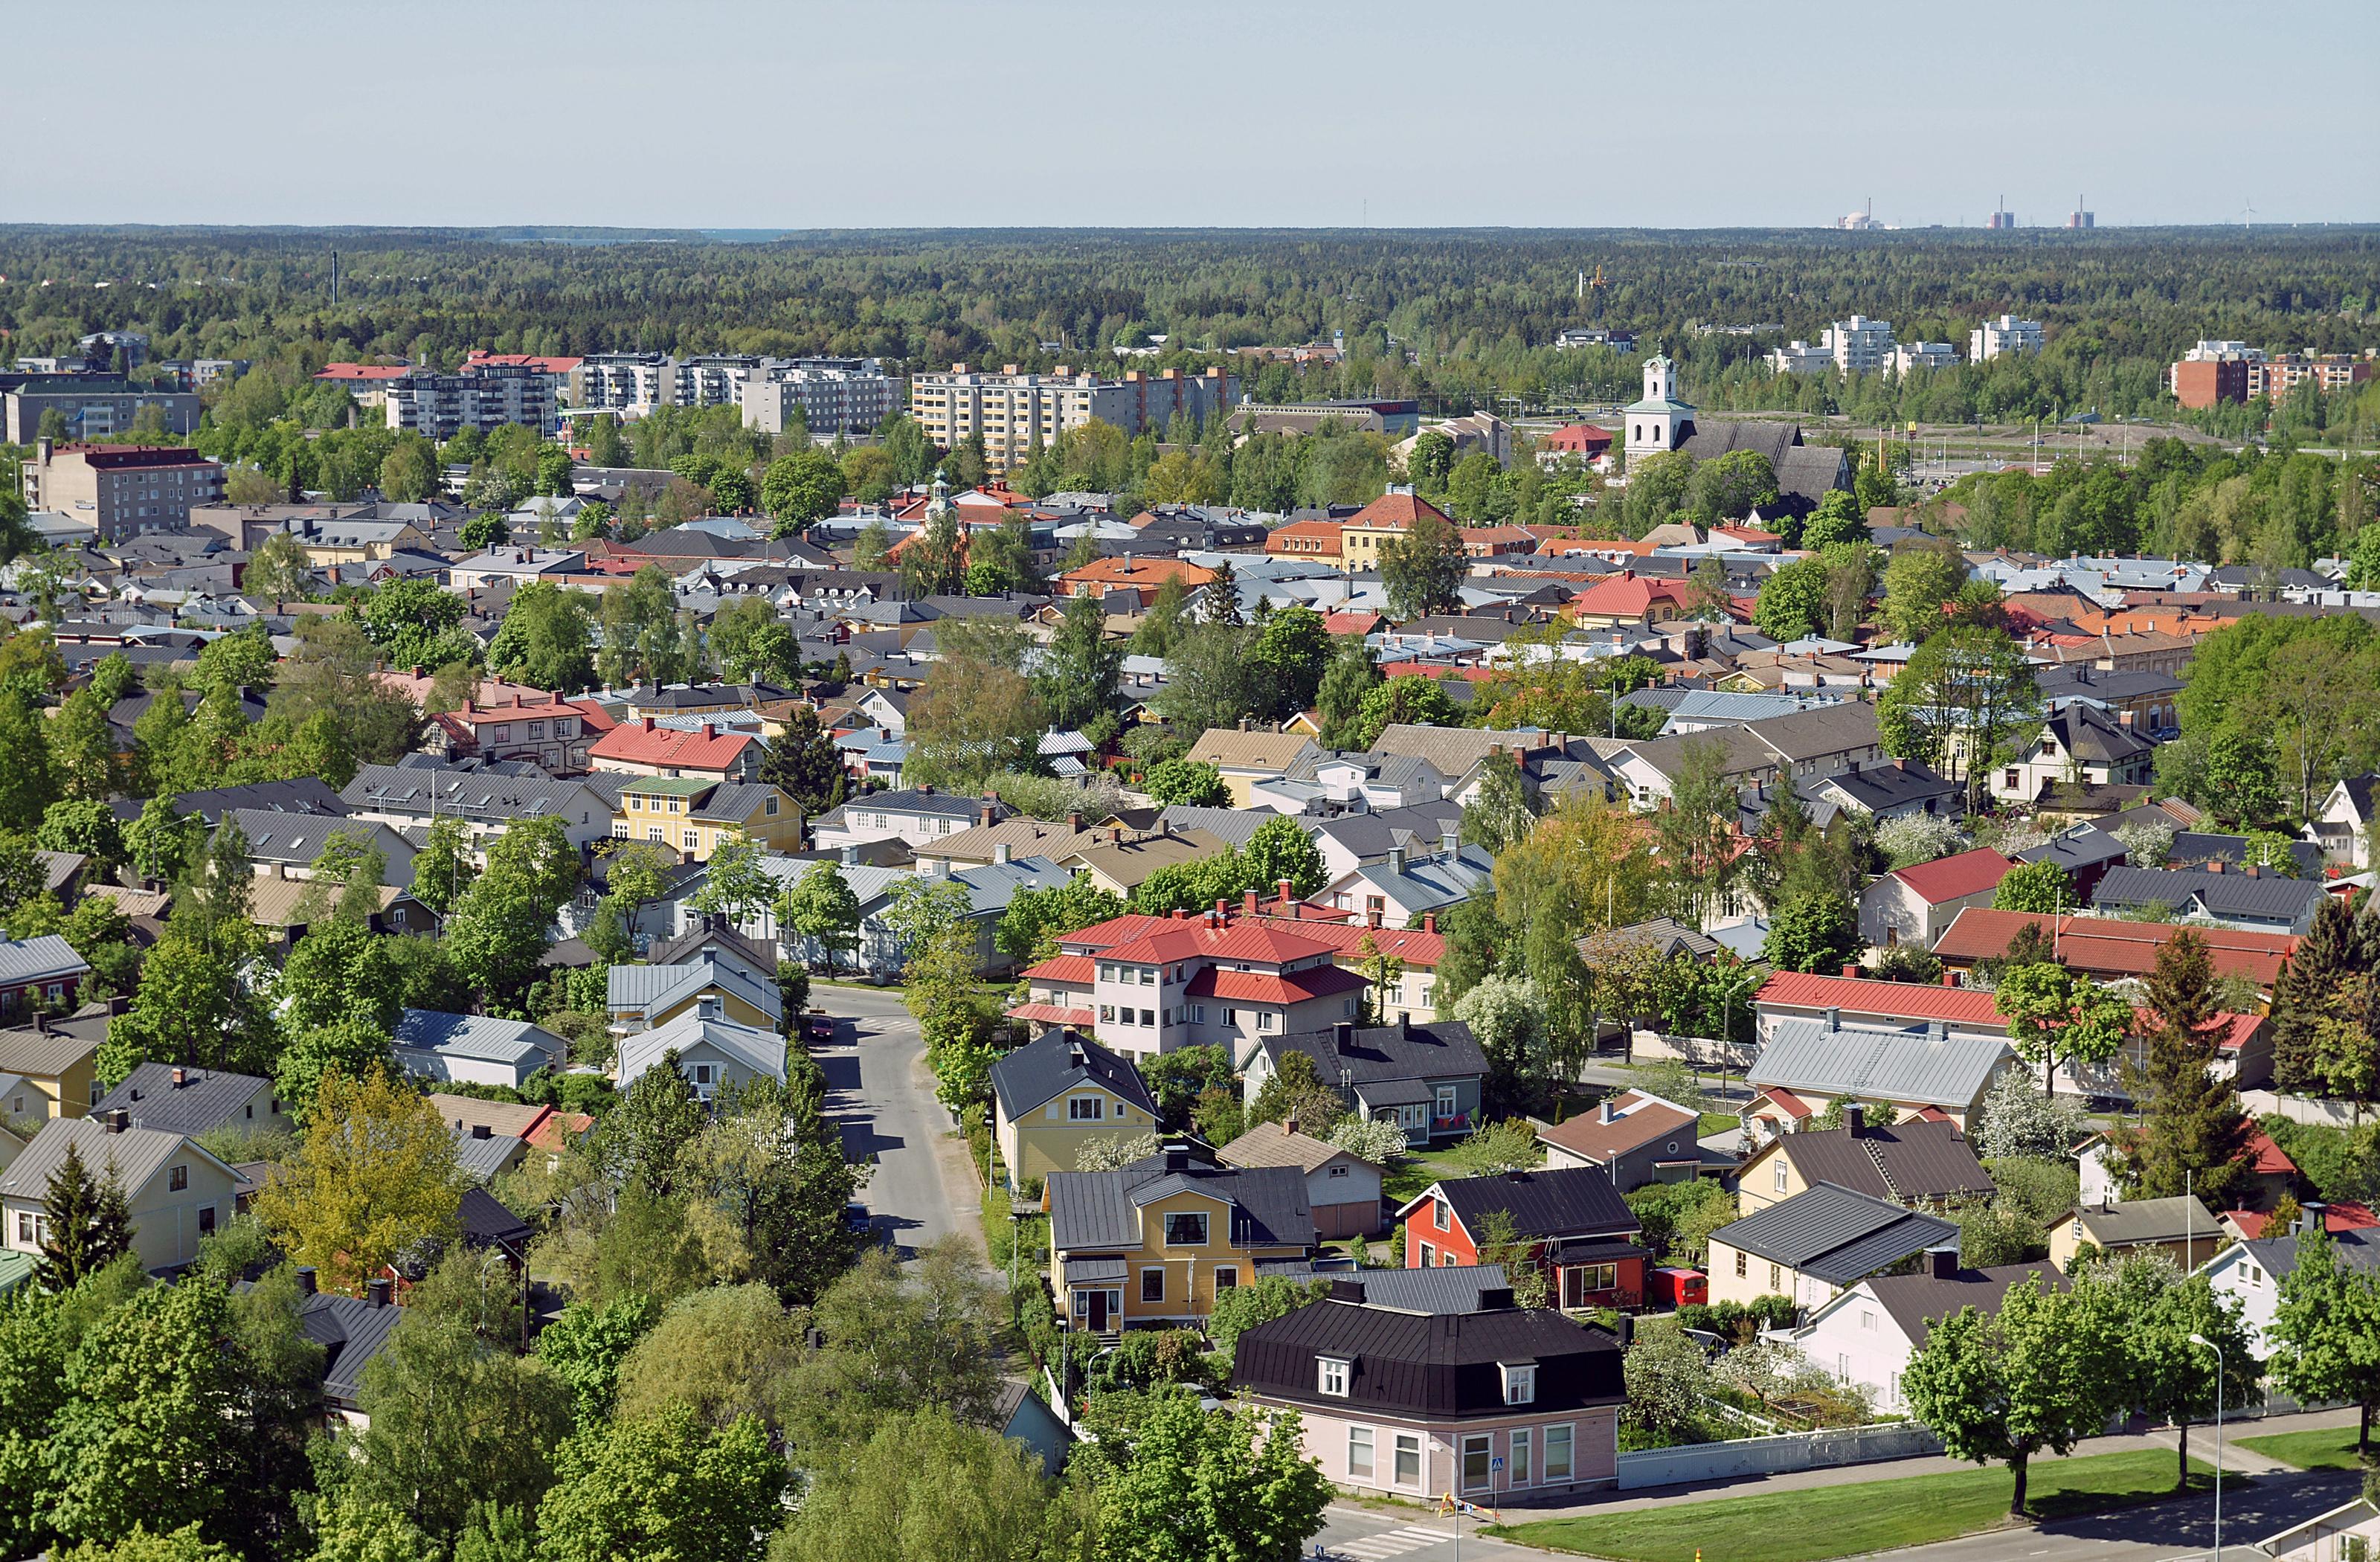 File:Vanha Rauma vesitornista.jpg - Wikimedia Commons